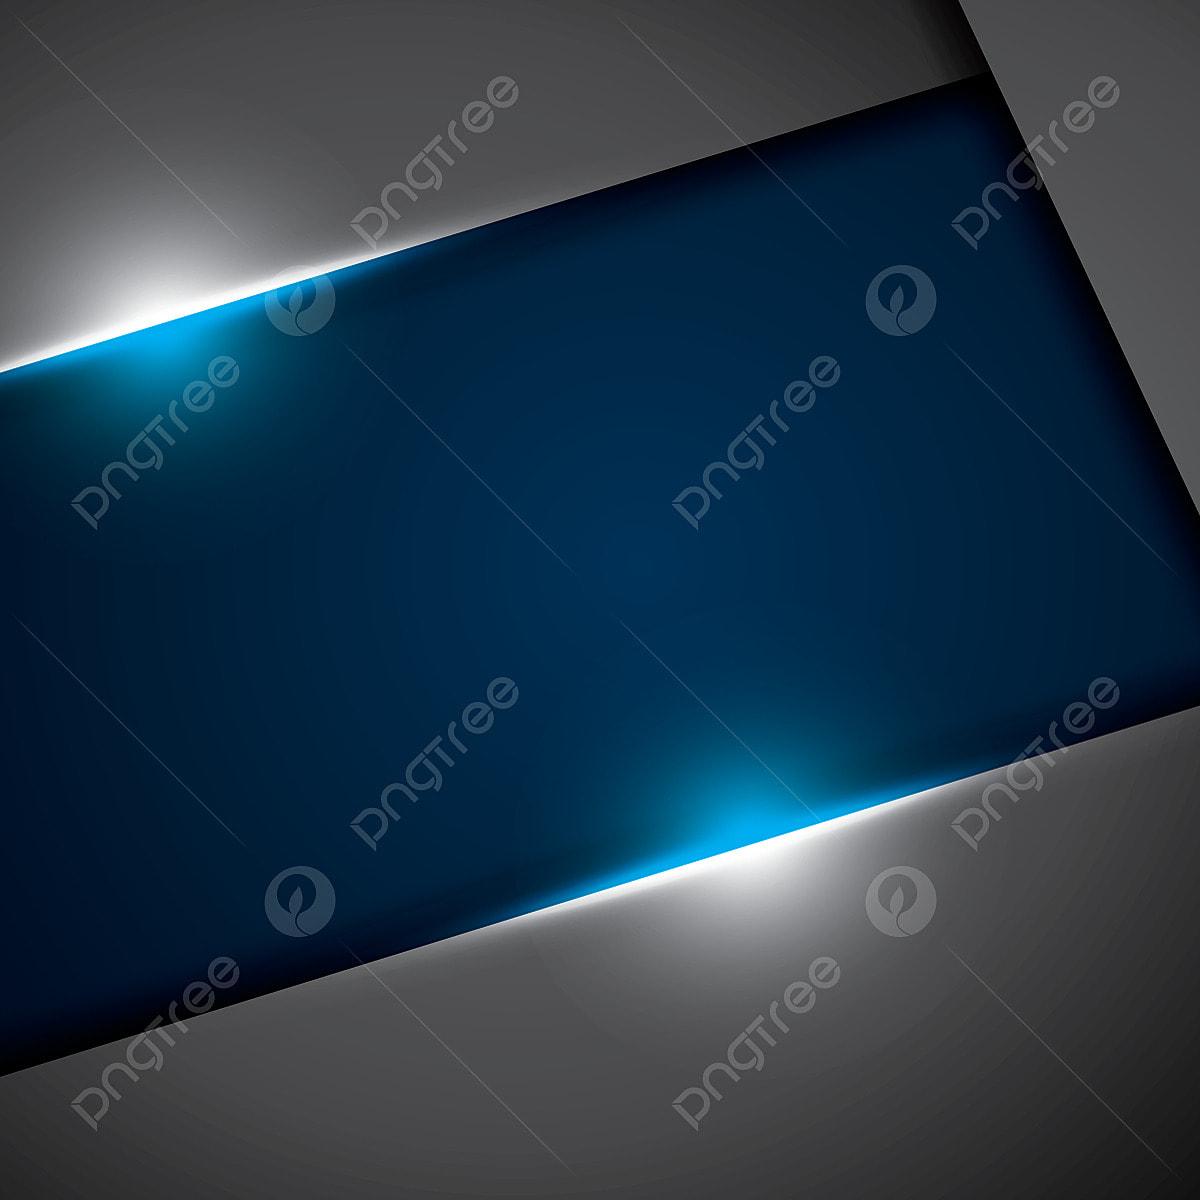 Blu Metallizzata Nera Design Astratto Concetto Innovativo Sfondo